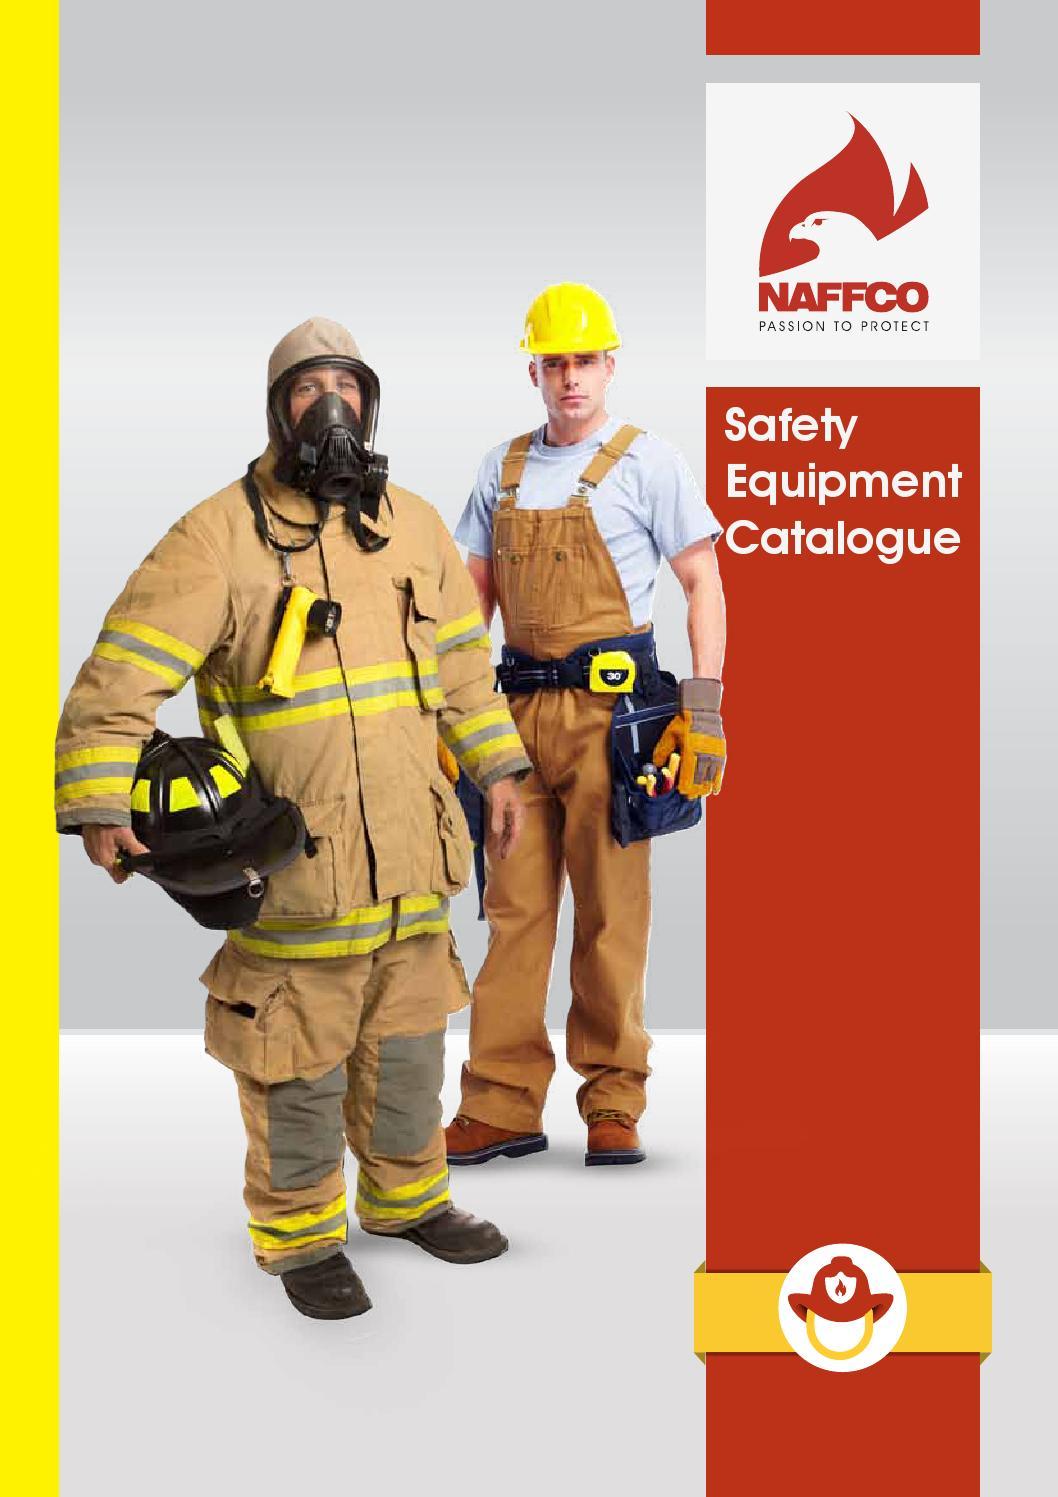 F 96 Hazmat Patch Hazardous Materials Team Fire Department Service Firefighter